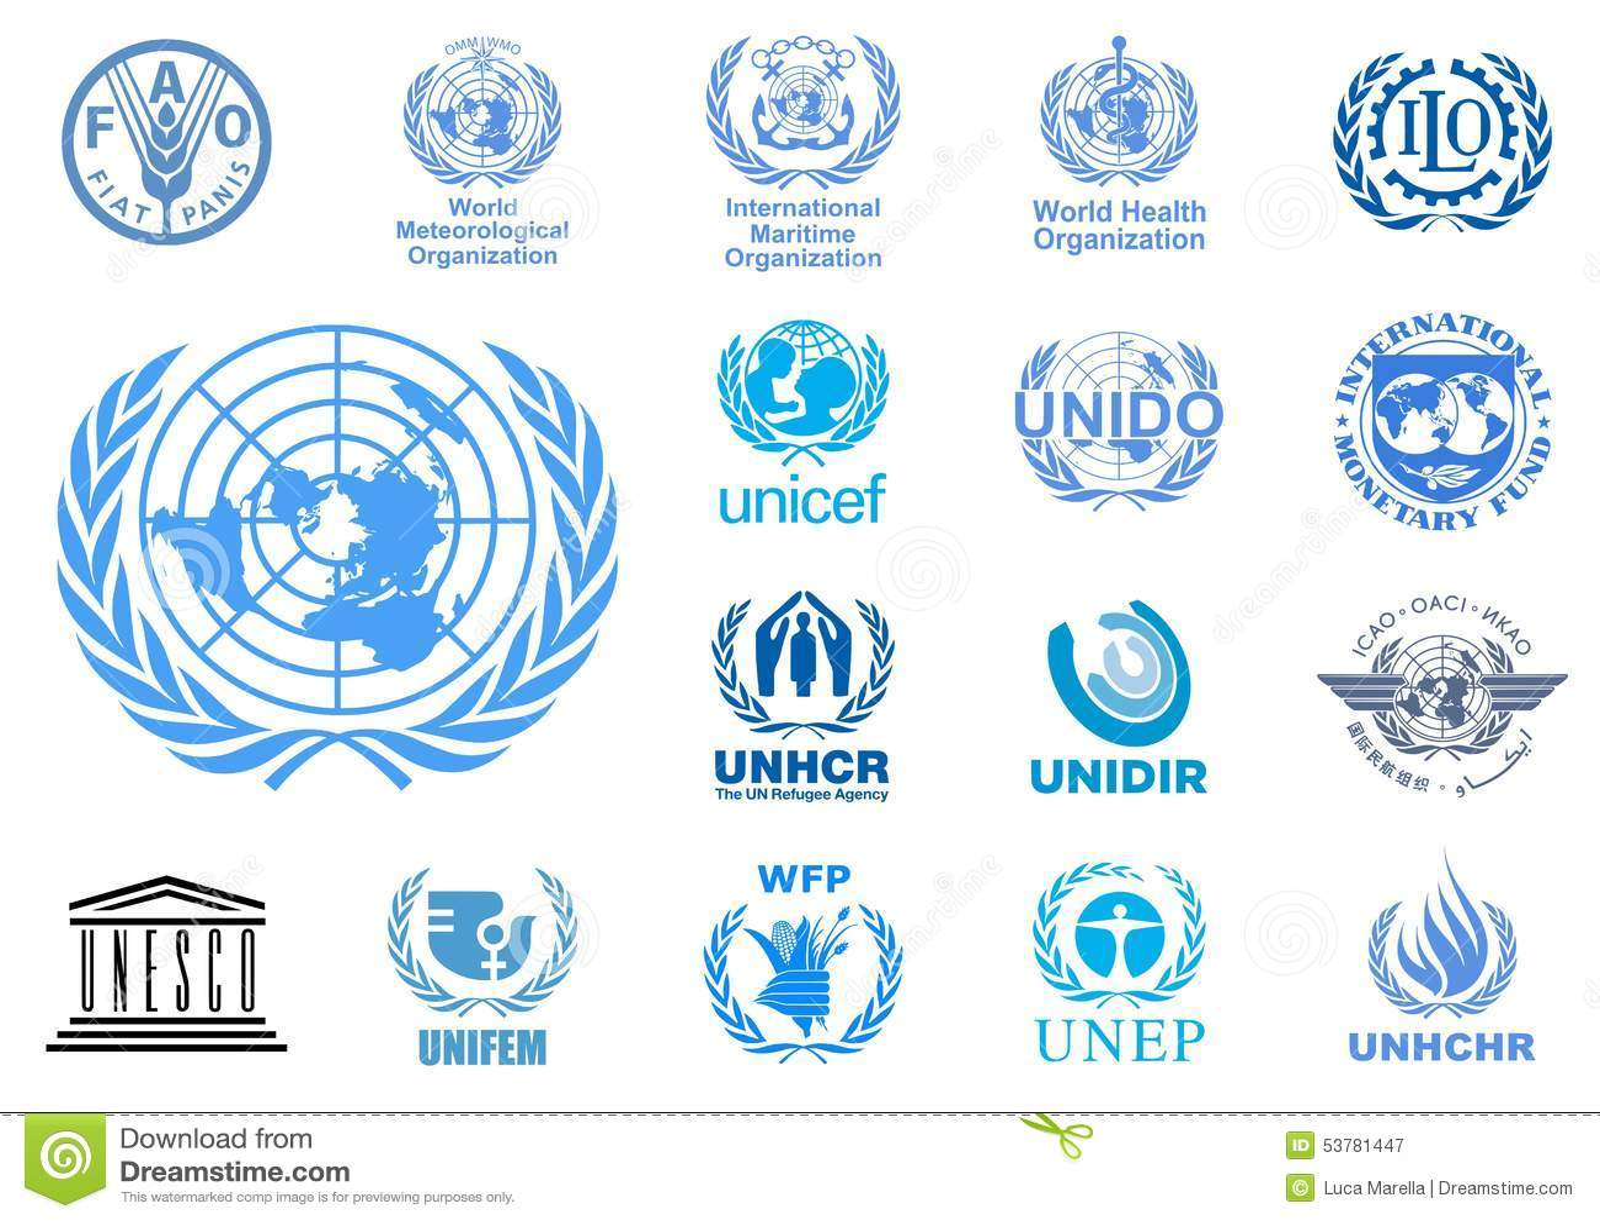 De agentschappenemblemen van de Verenigde Naties